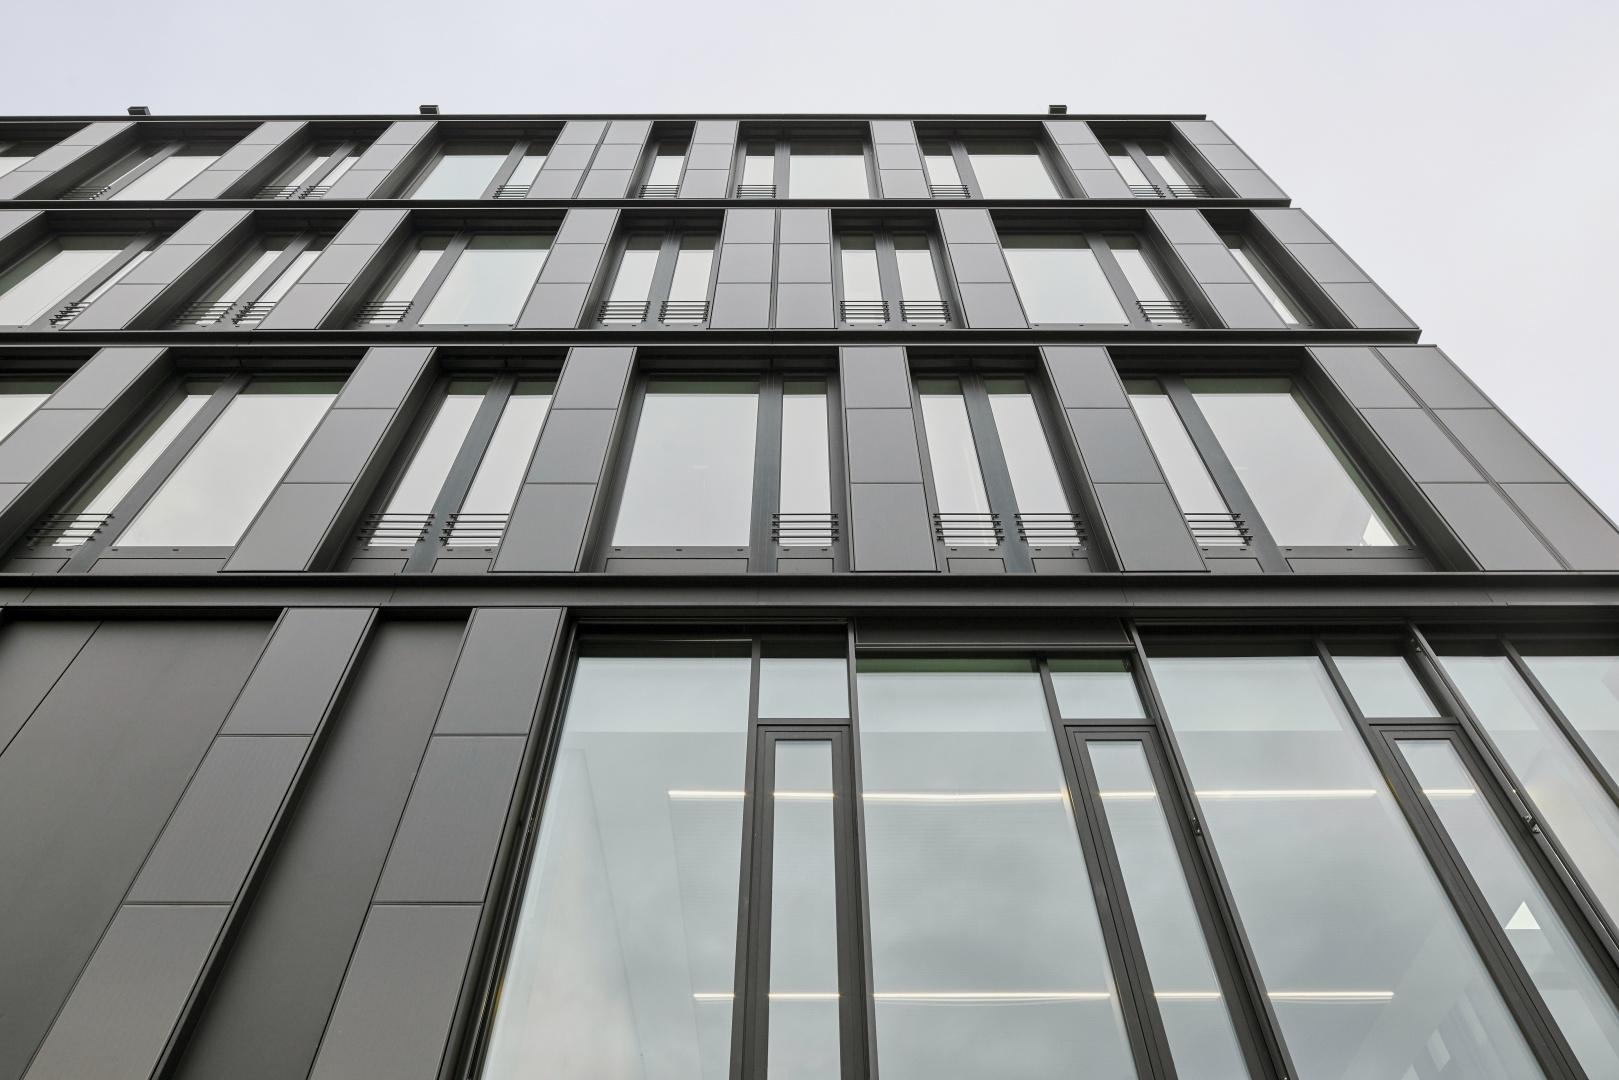 Ohne die Unterkonstruktion verändern zu müssen, ist ein Tausch der opaken Fassadenelemente mit entsprechenden PV-Elementen möglich. © Jens Willebrand